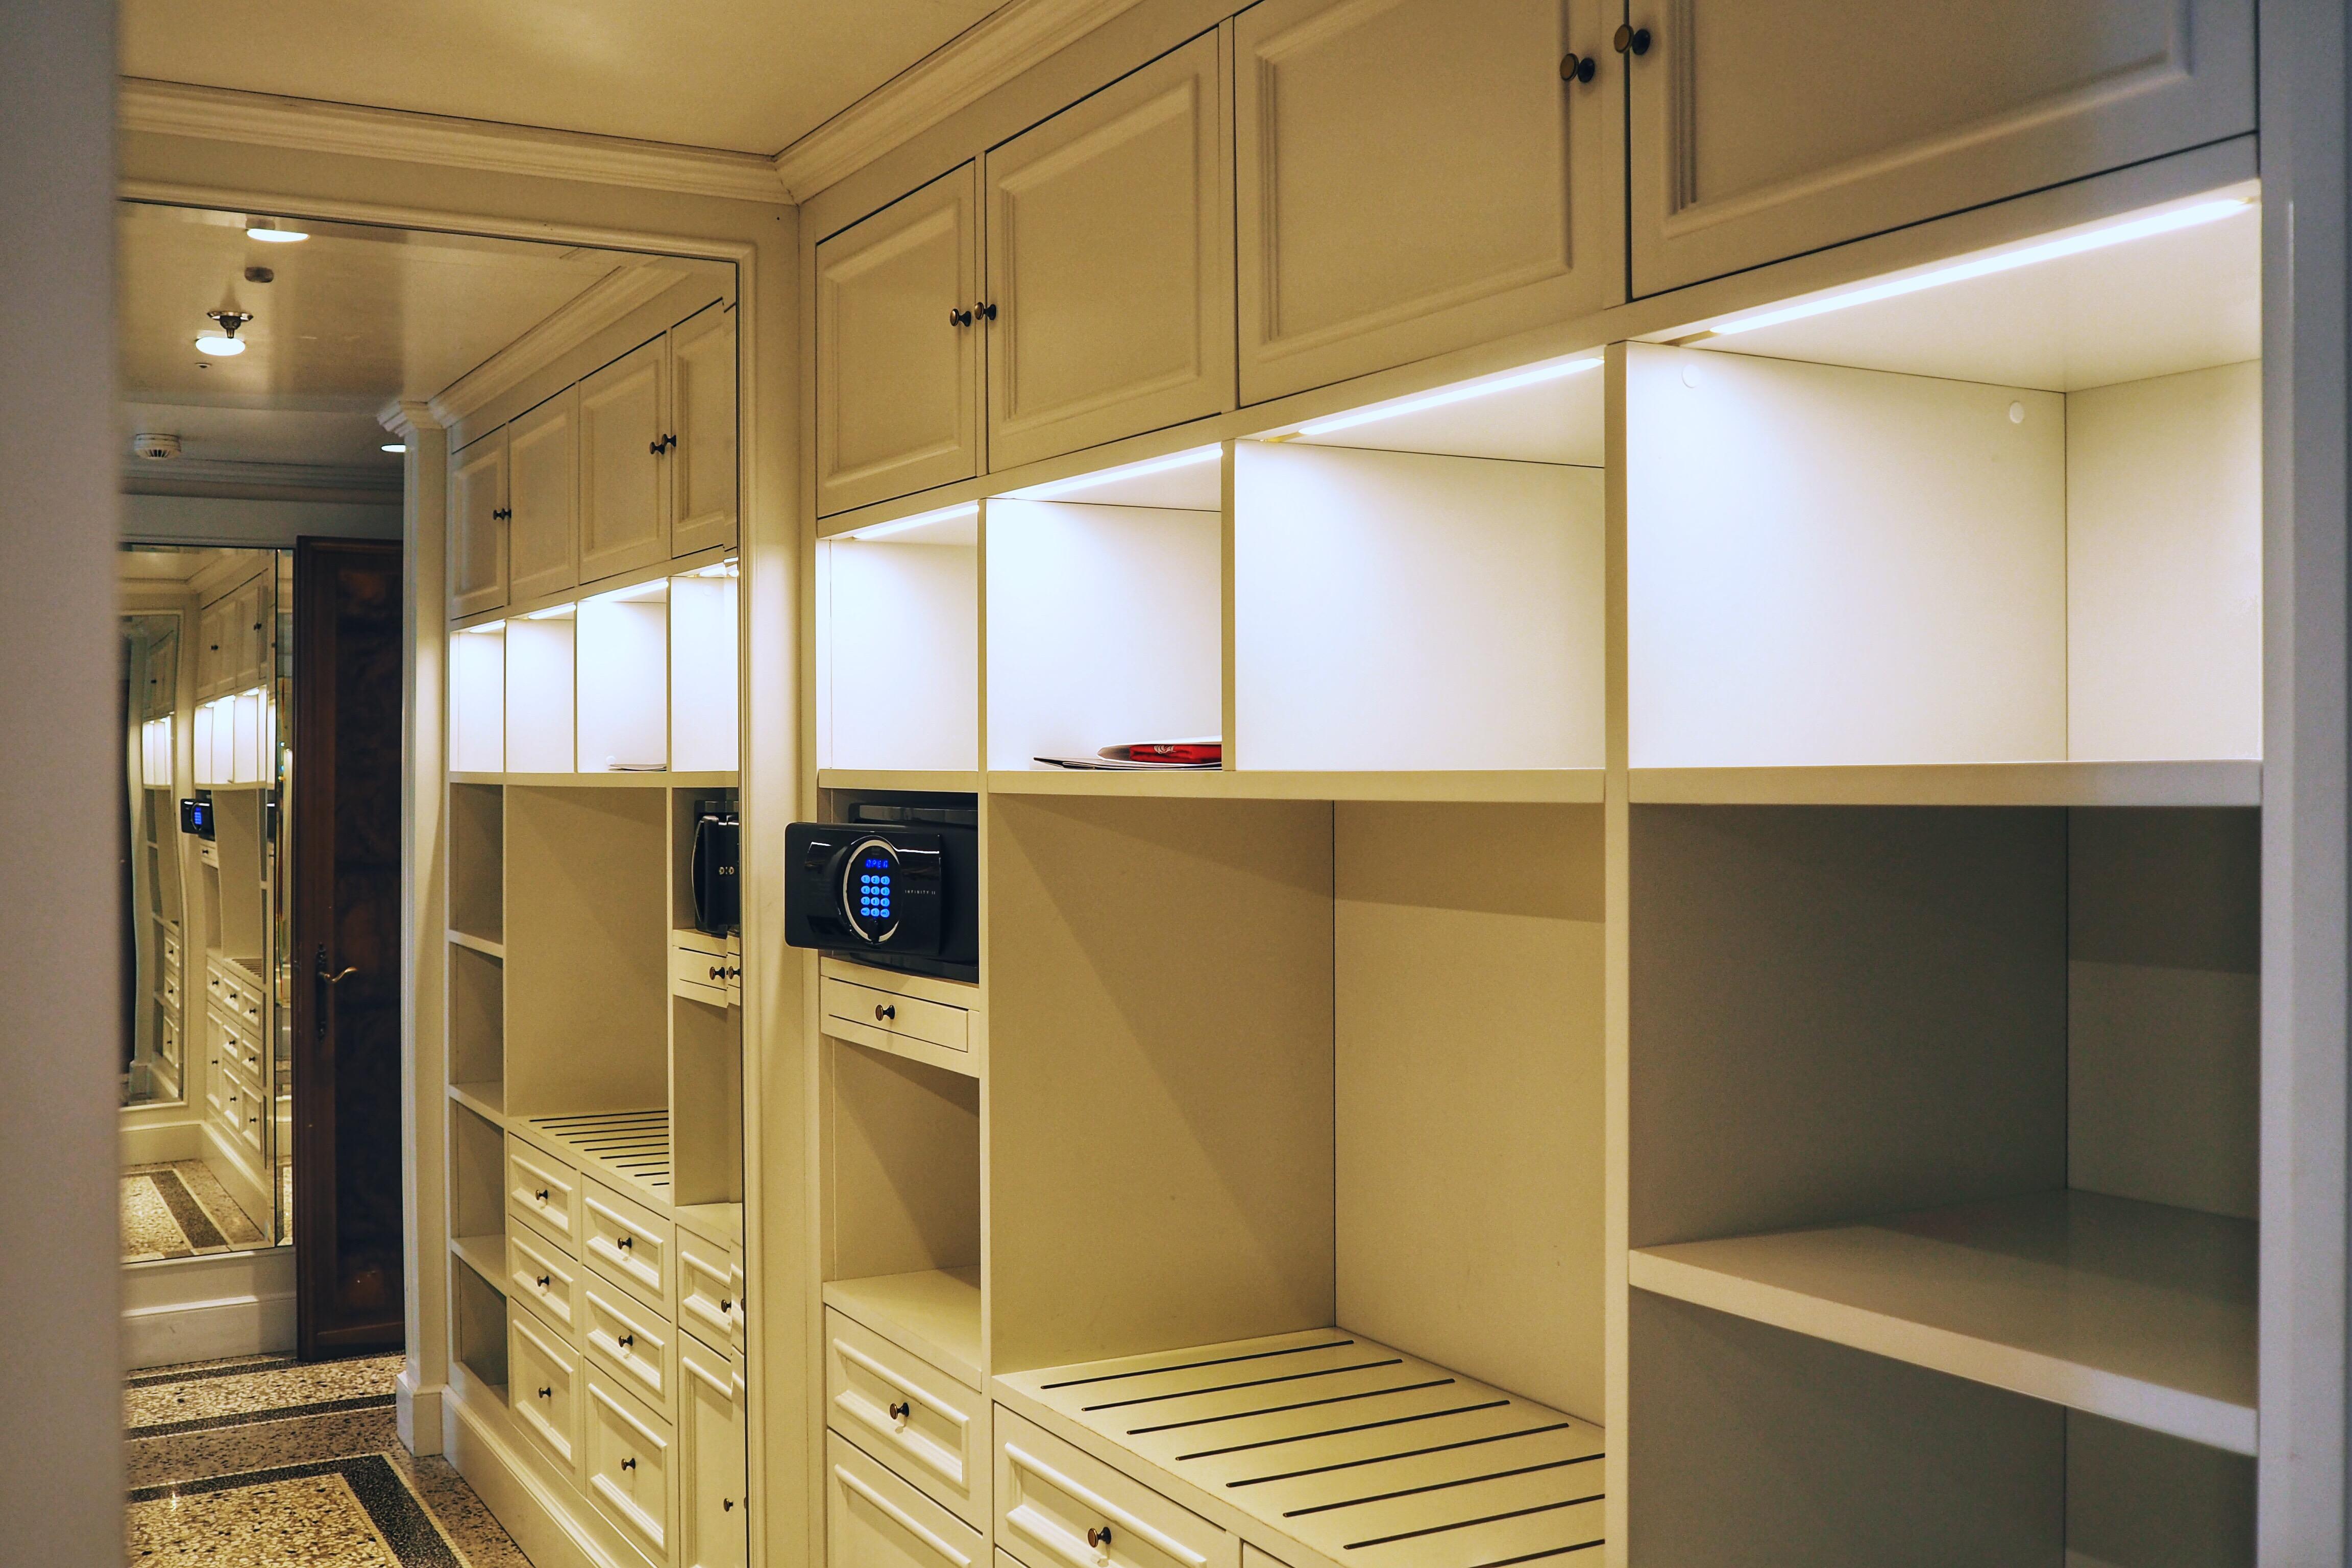 Ziemlich China Küche Marmor Fällt Ideen - Küchen Design Ideen ...